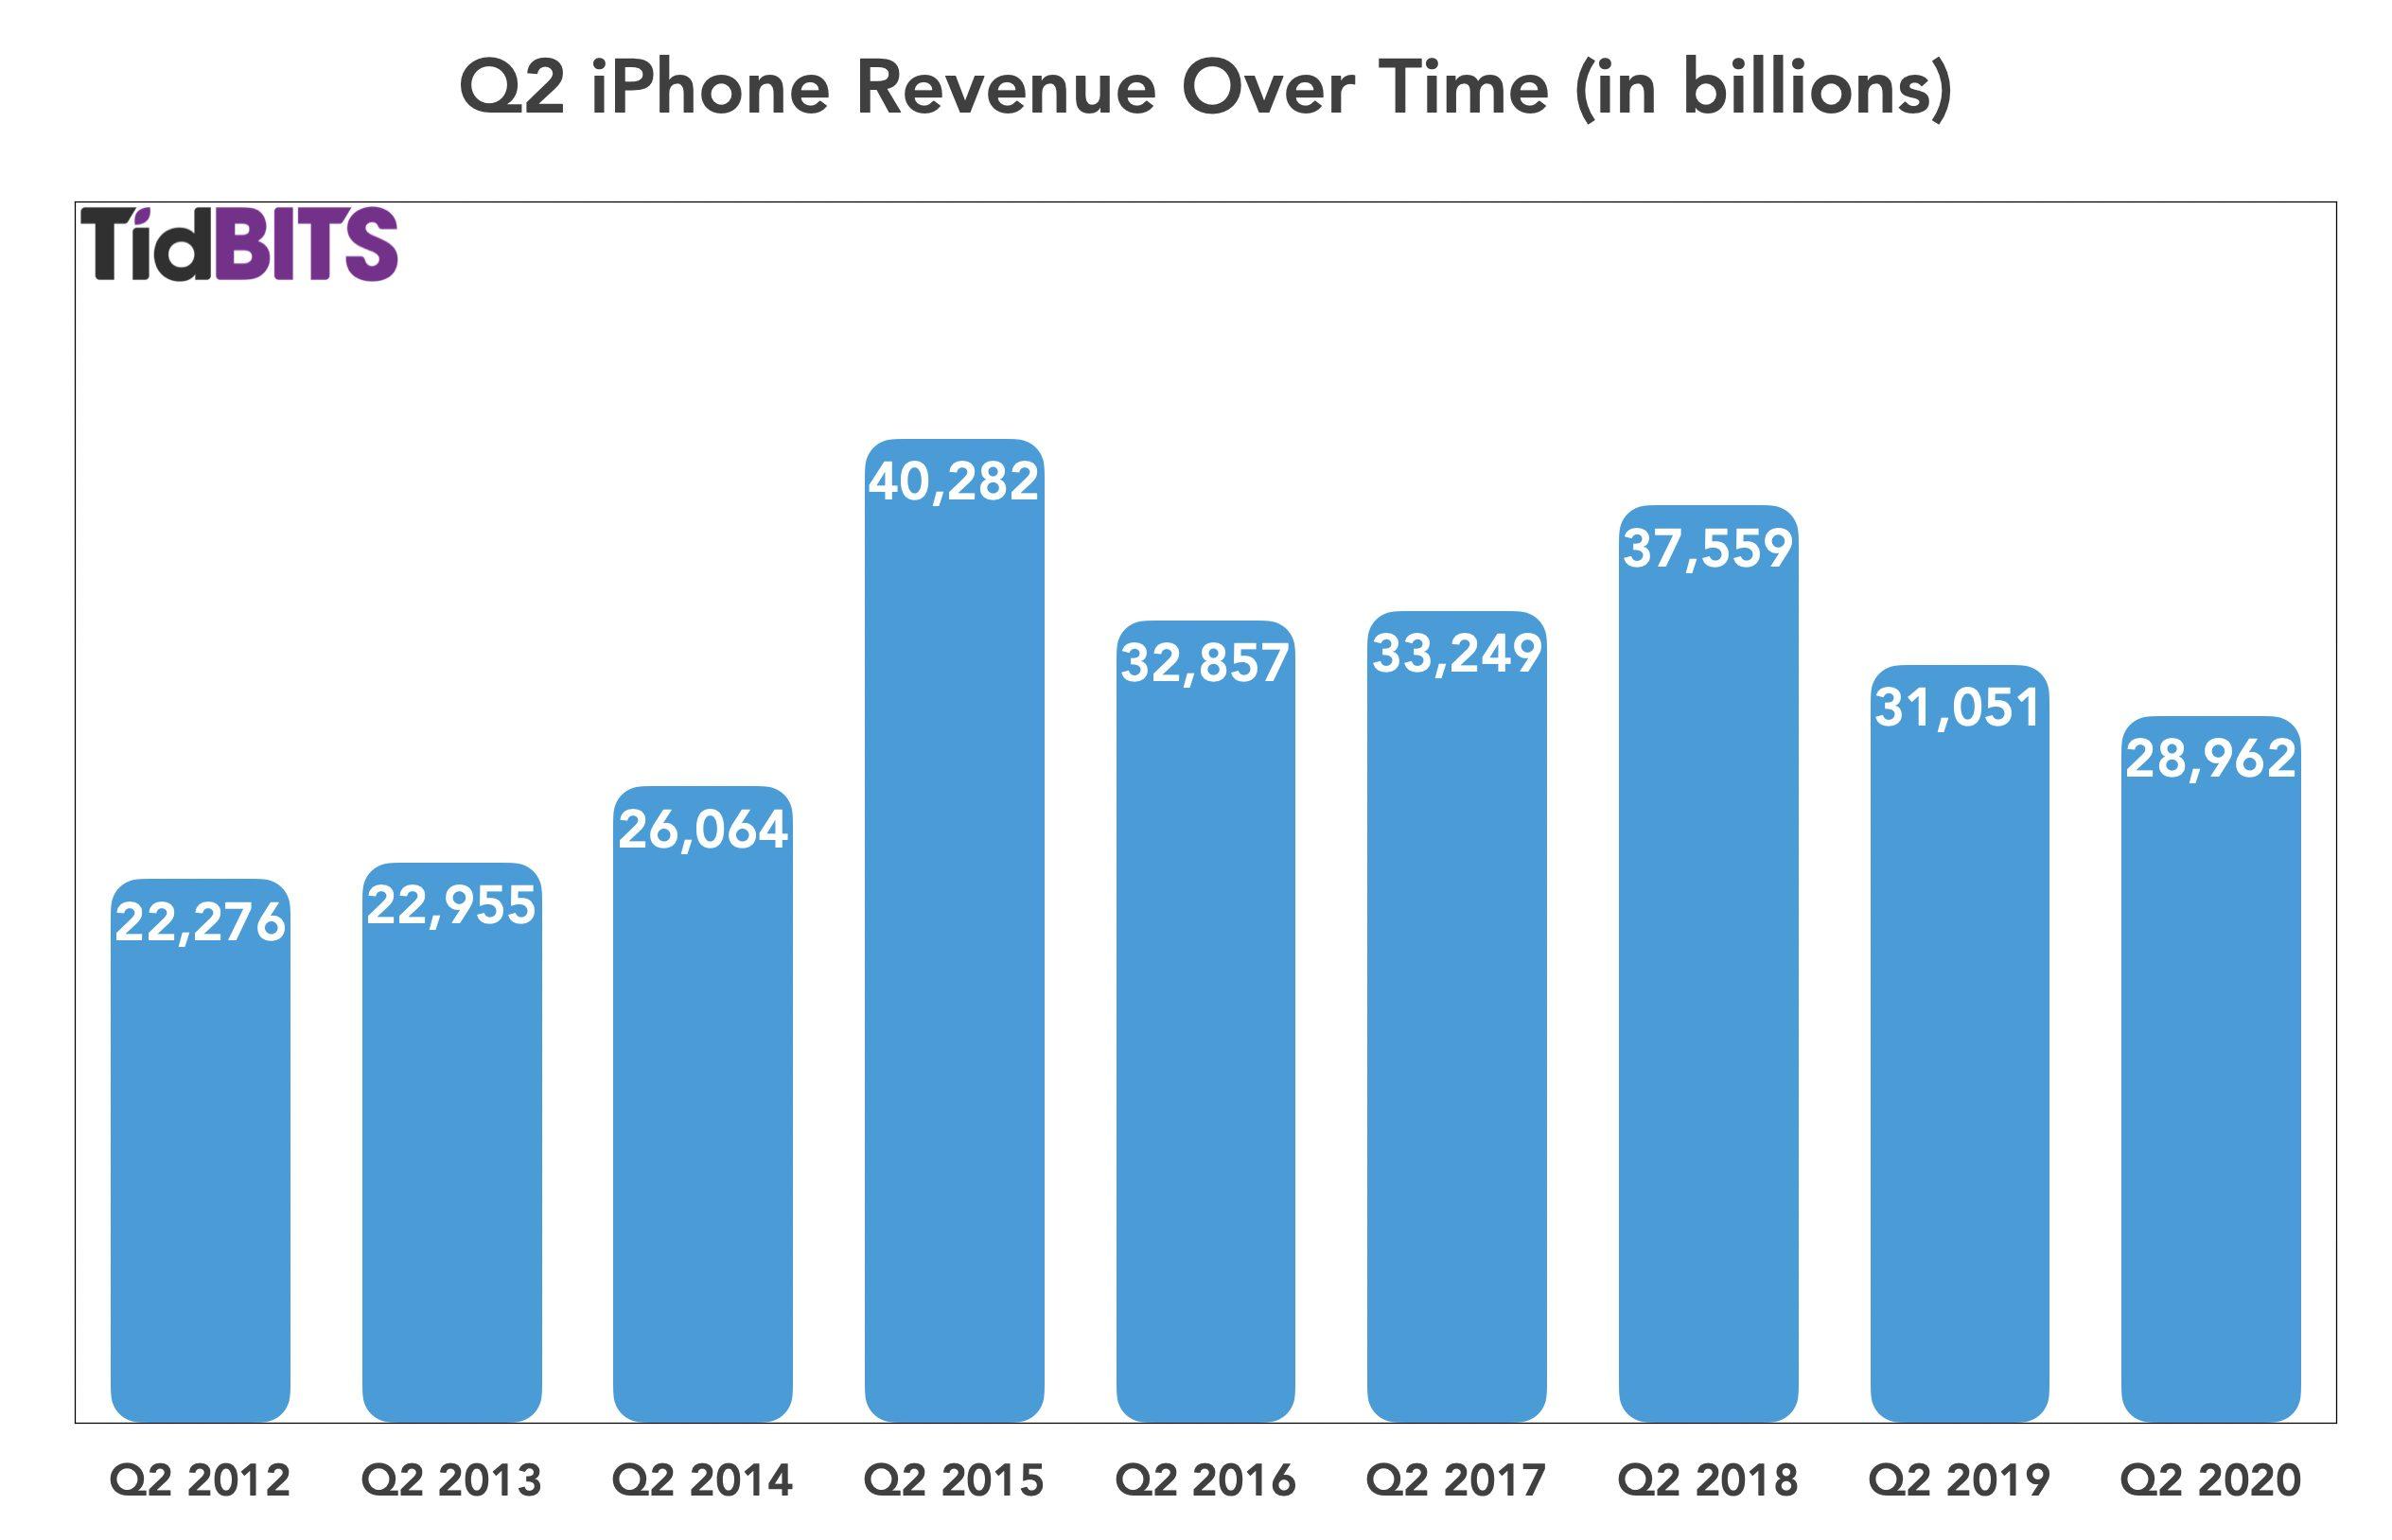 Apple iPhone Q2 2020